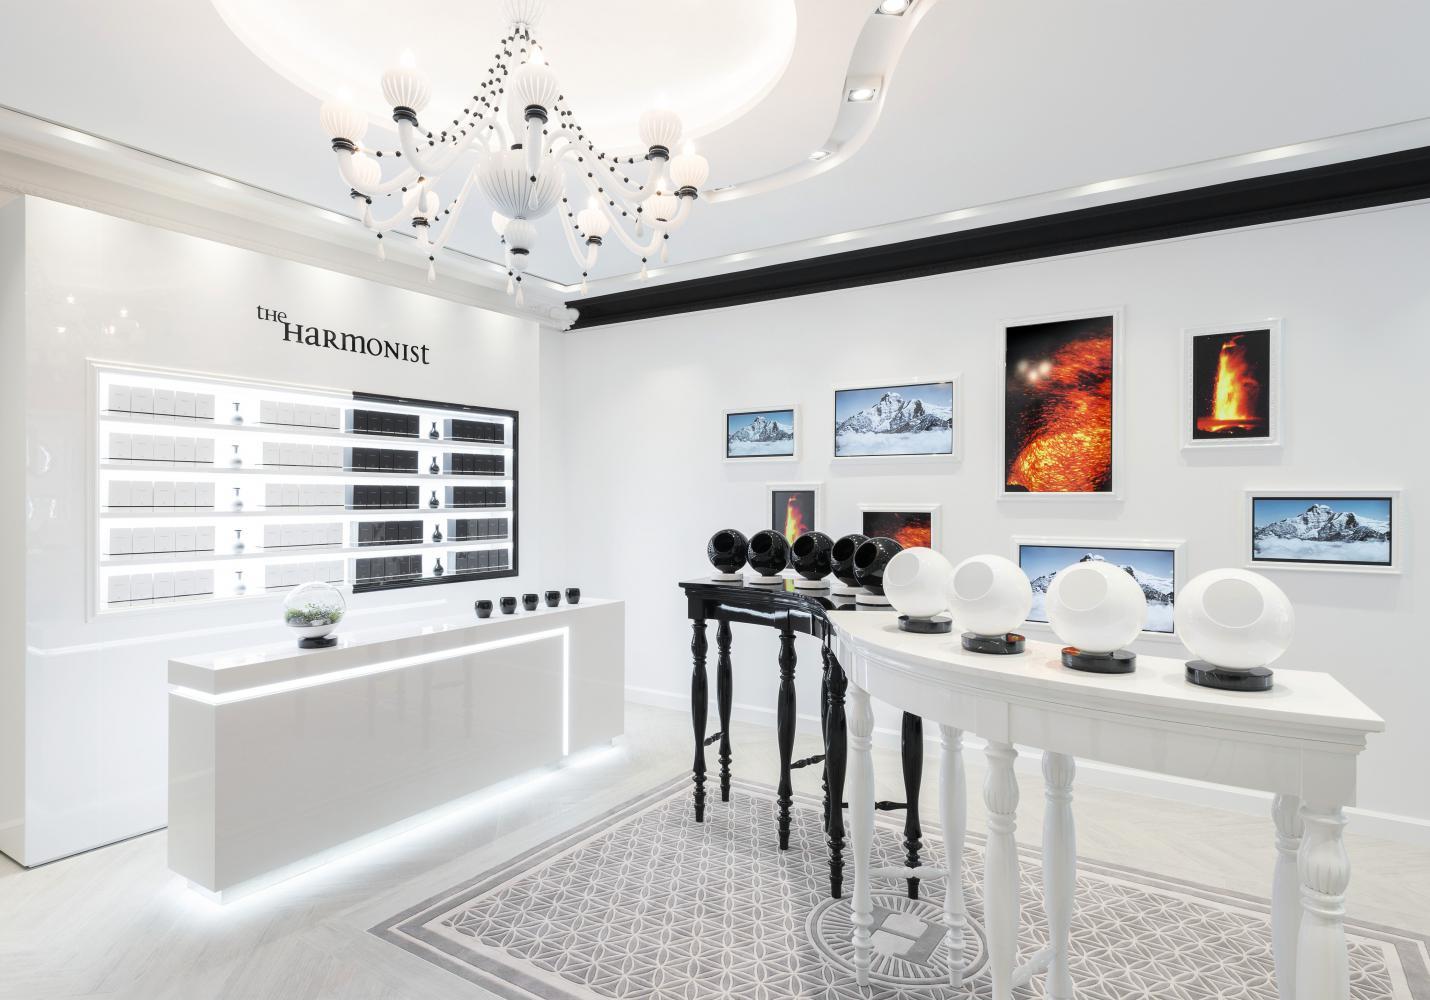 ellebeautyspot la boutique feng shui du parfumeur haut de gamme the harmonist elle. Black Bedroom Furniture Sets. Home Design Ideas